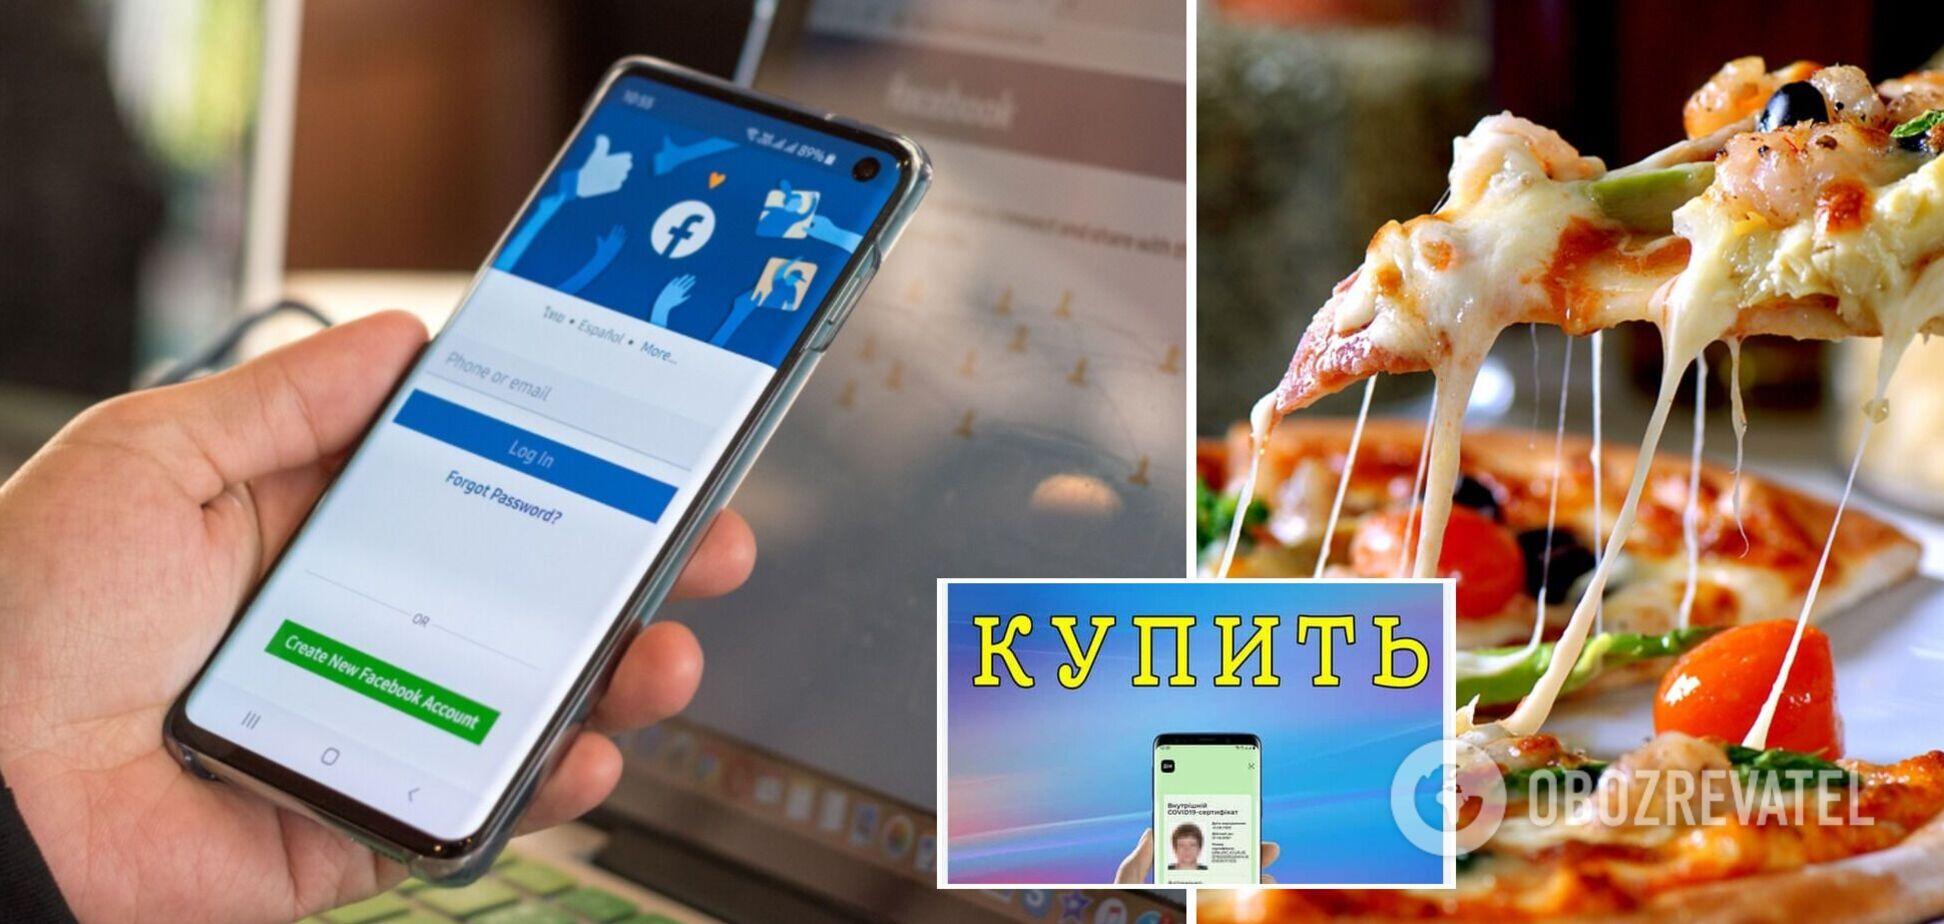 На Facebook-странице пиццерии в Бангладеш рекламируется продажа украинских COVID-сертификатов